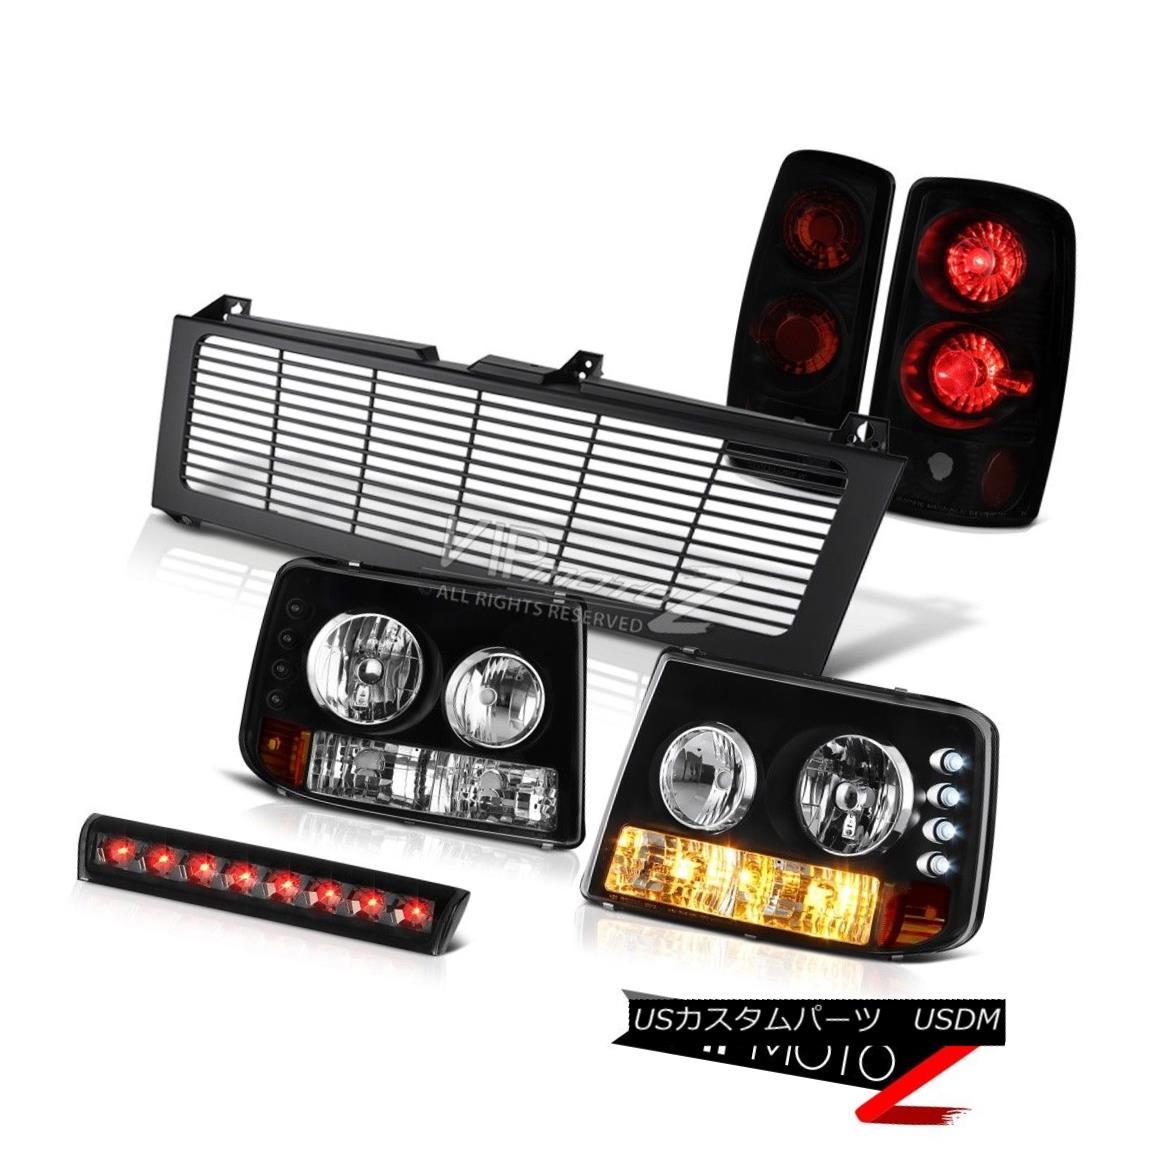 ヘッドライト 00-06 Chevy Suburban Bumper+Headlight Taillight 3rd Brake Cargo LED Black Grille 00-06シボレー郊外バンパー+ヘッドリッグ htテイルライト第3ブレーキカーゴLEDブラックグリル